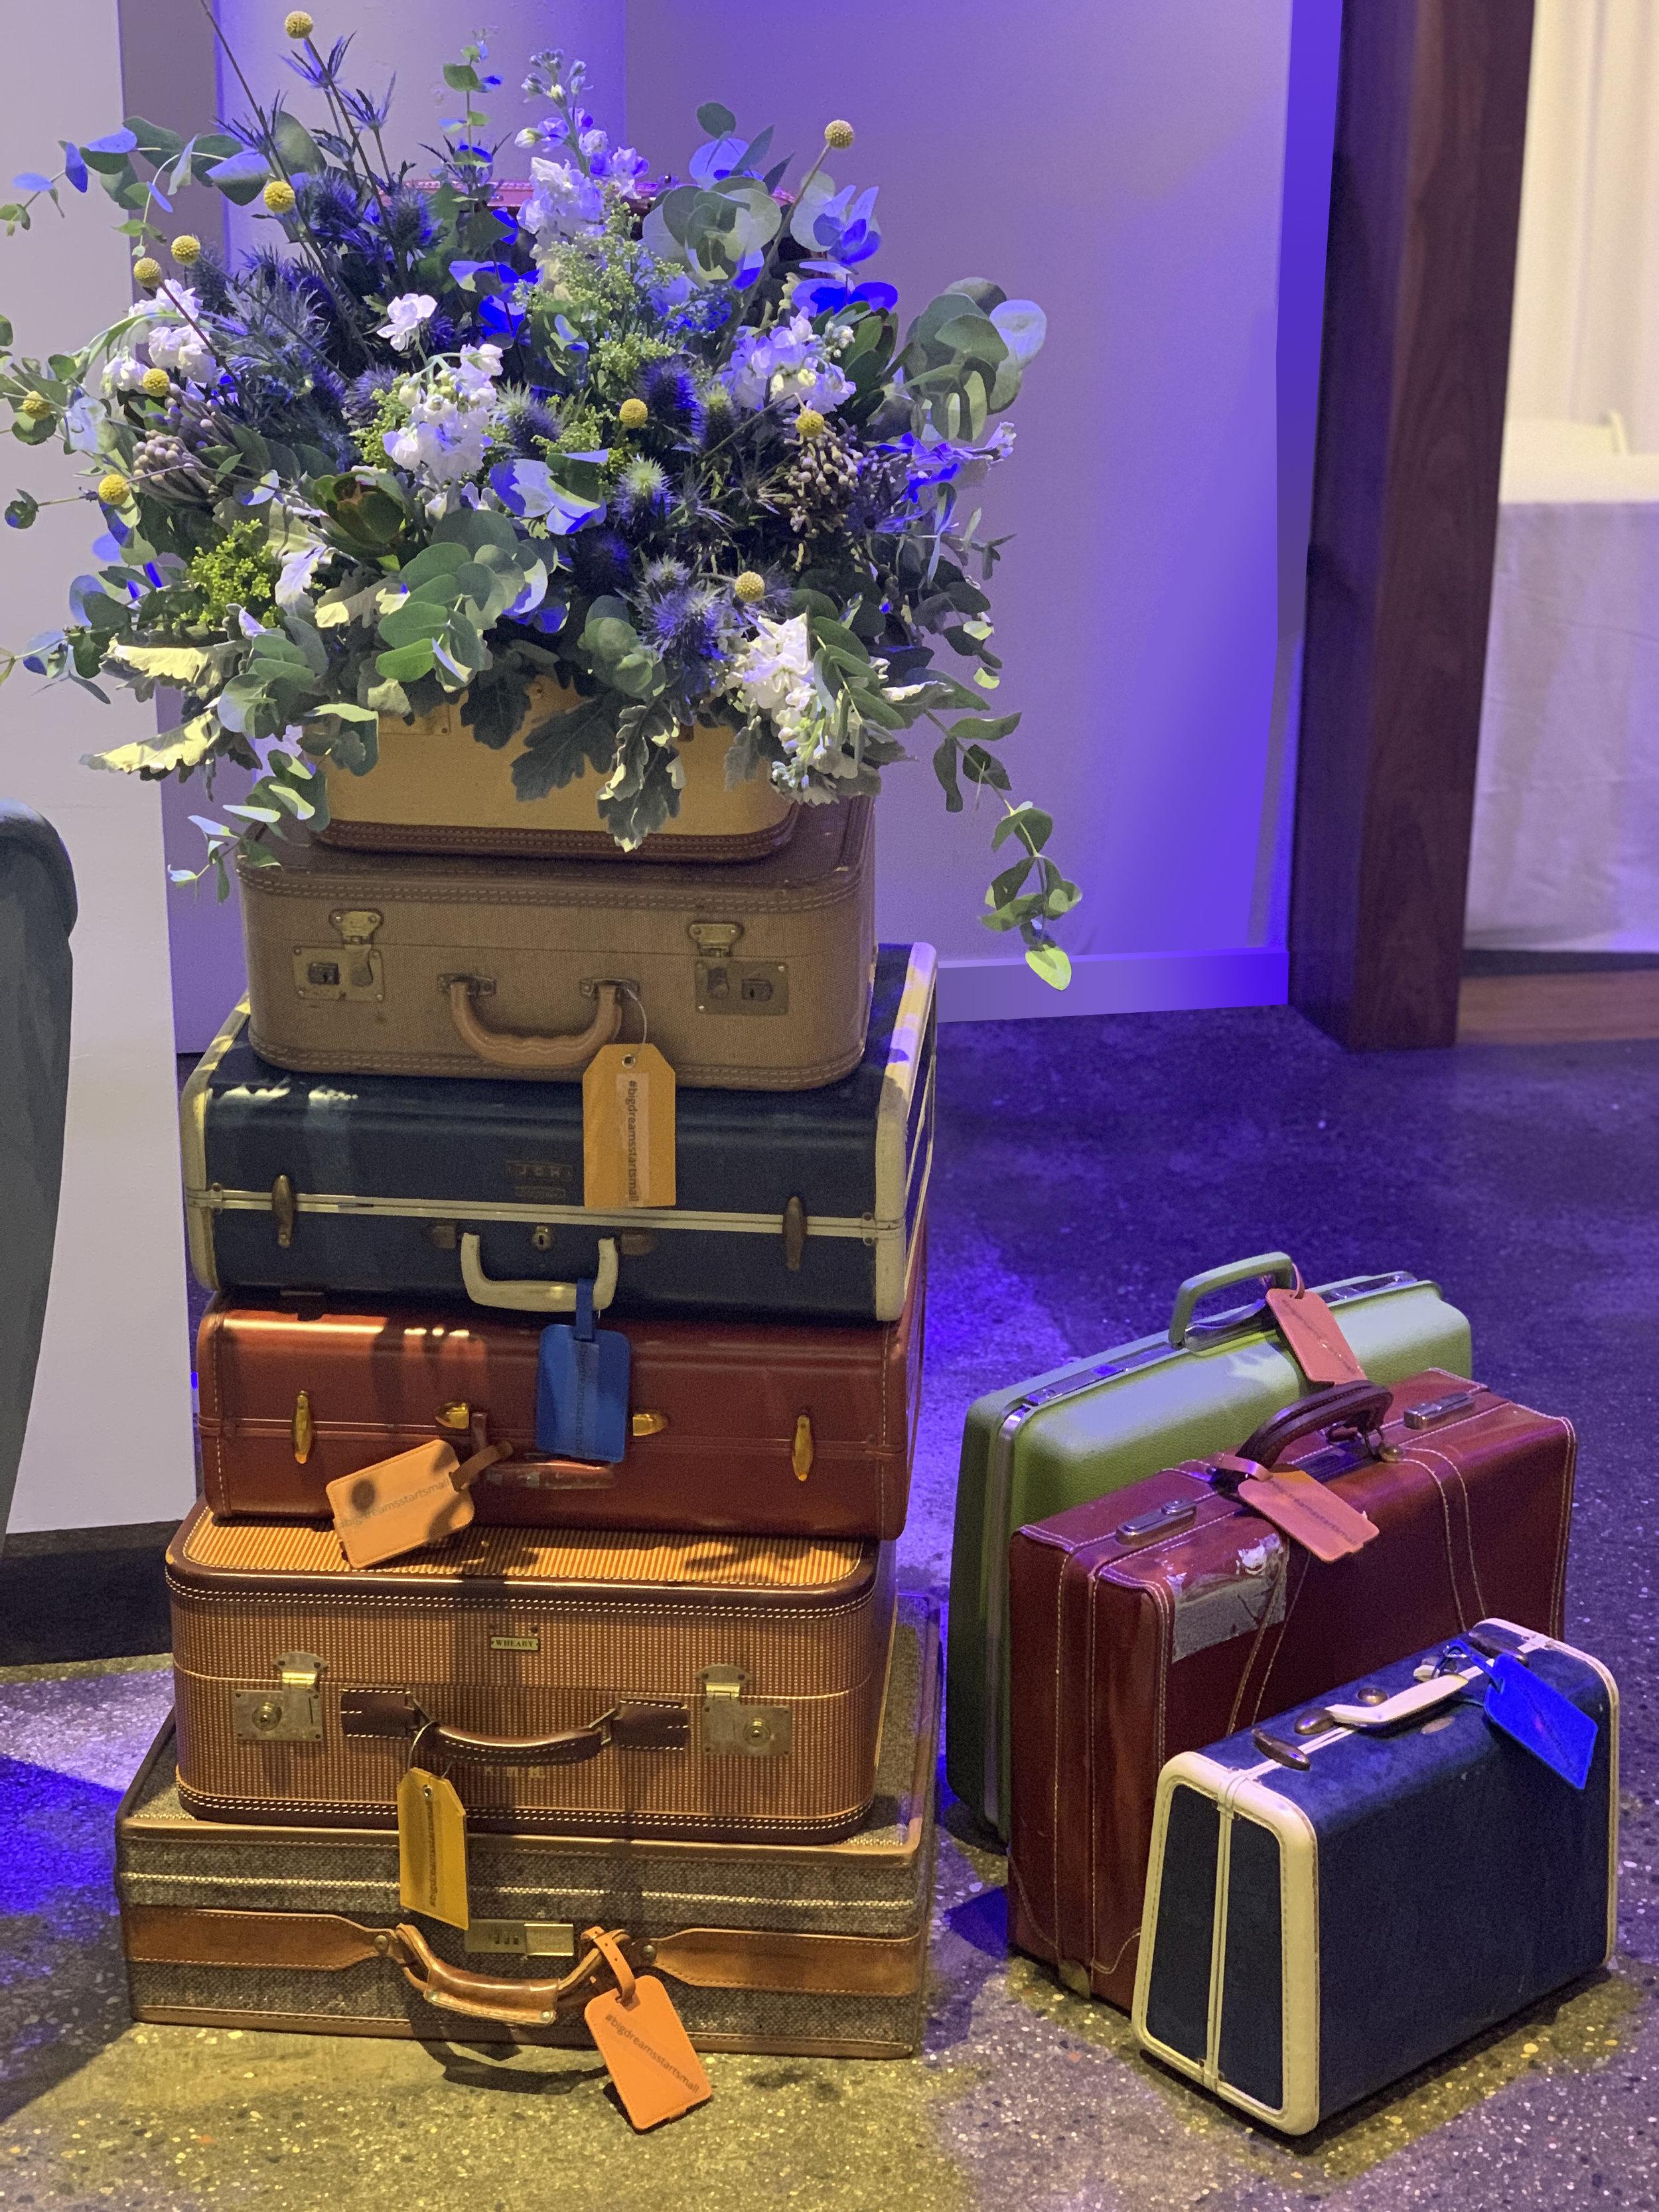 Suitcases Photo.jpg